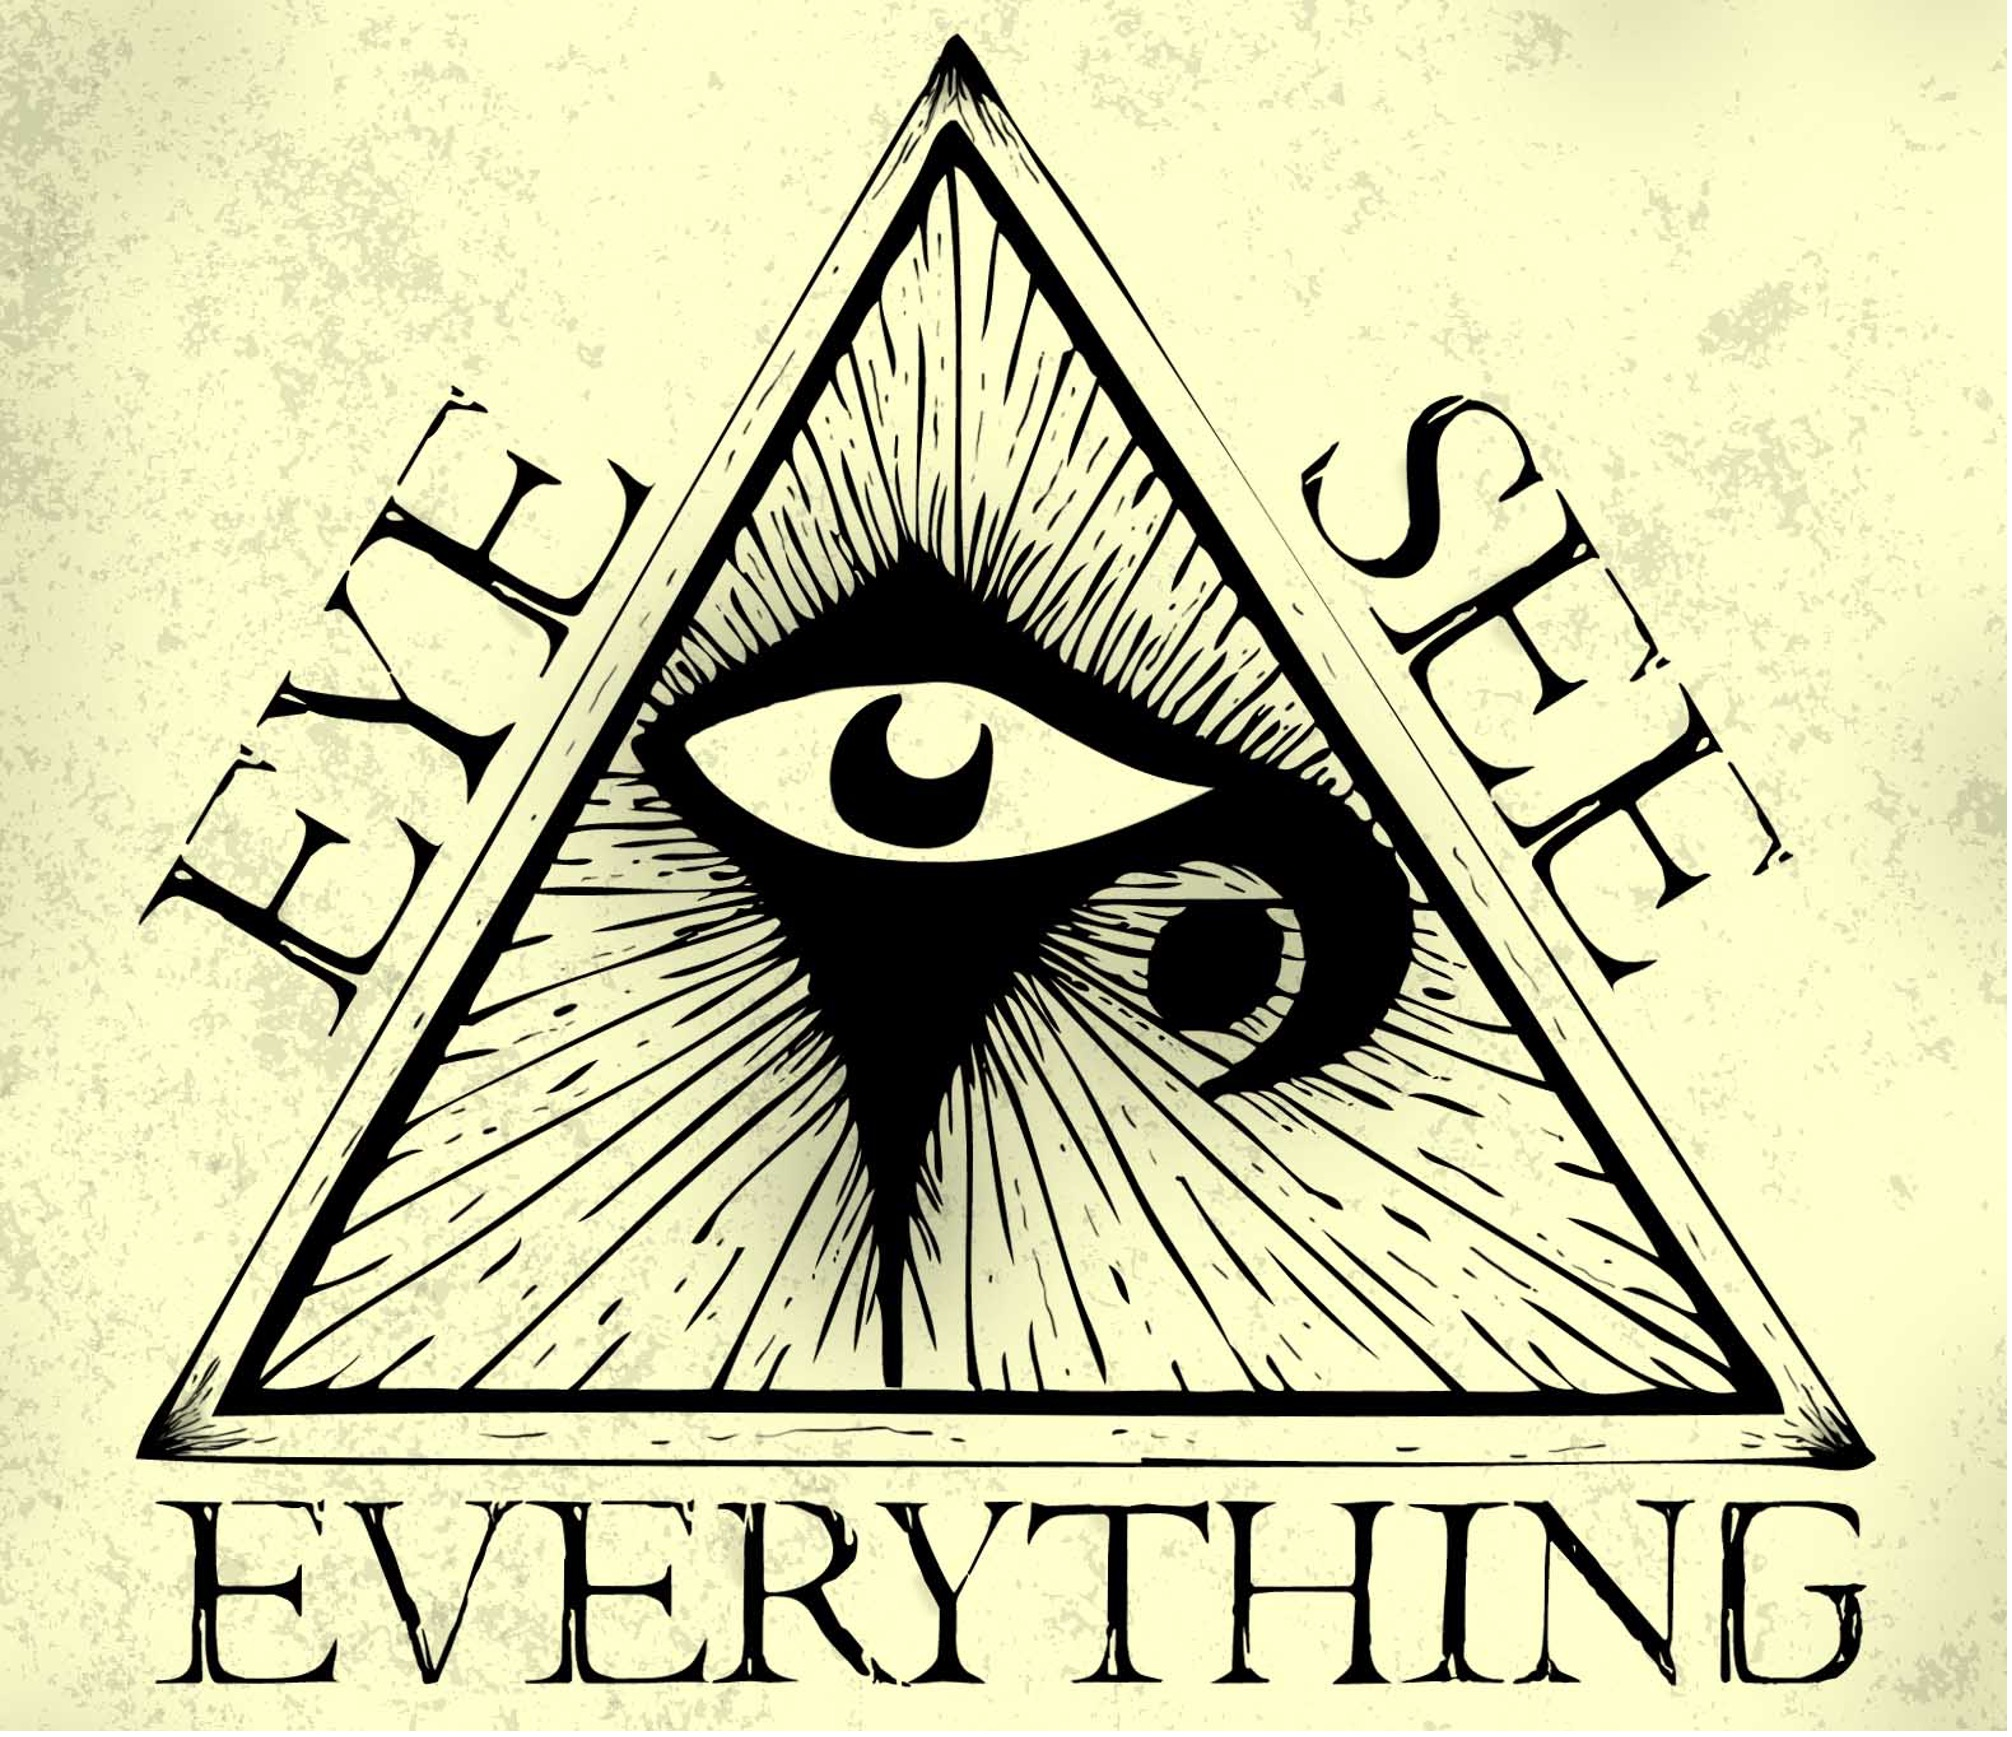 Le symbole et la signification de l'œil omniprésent ~ Distruber